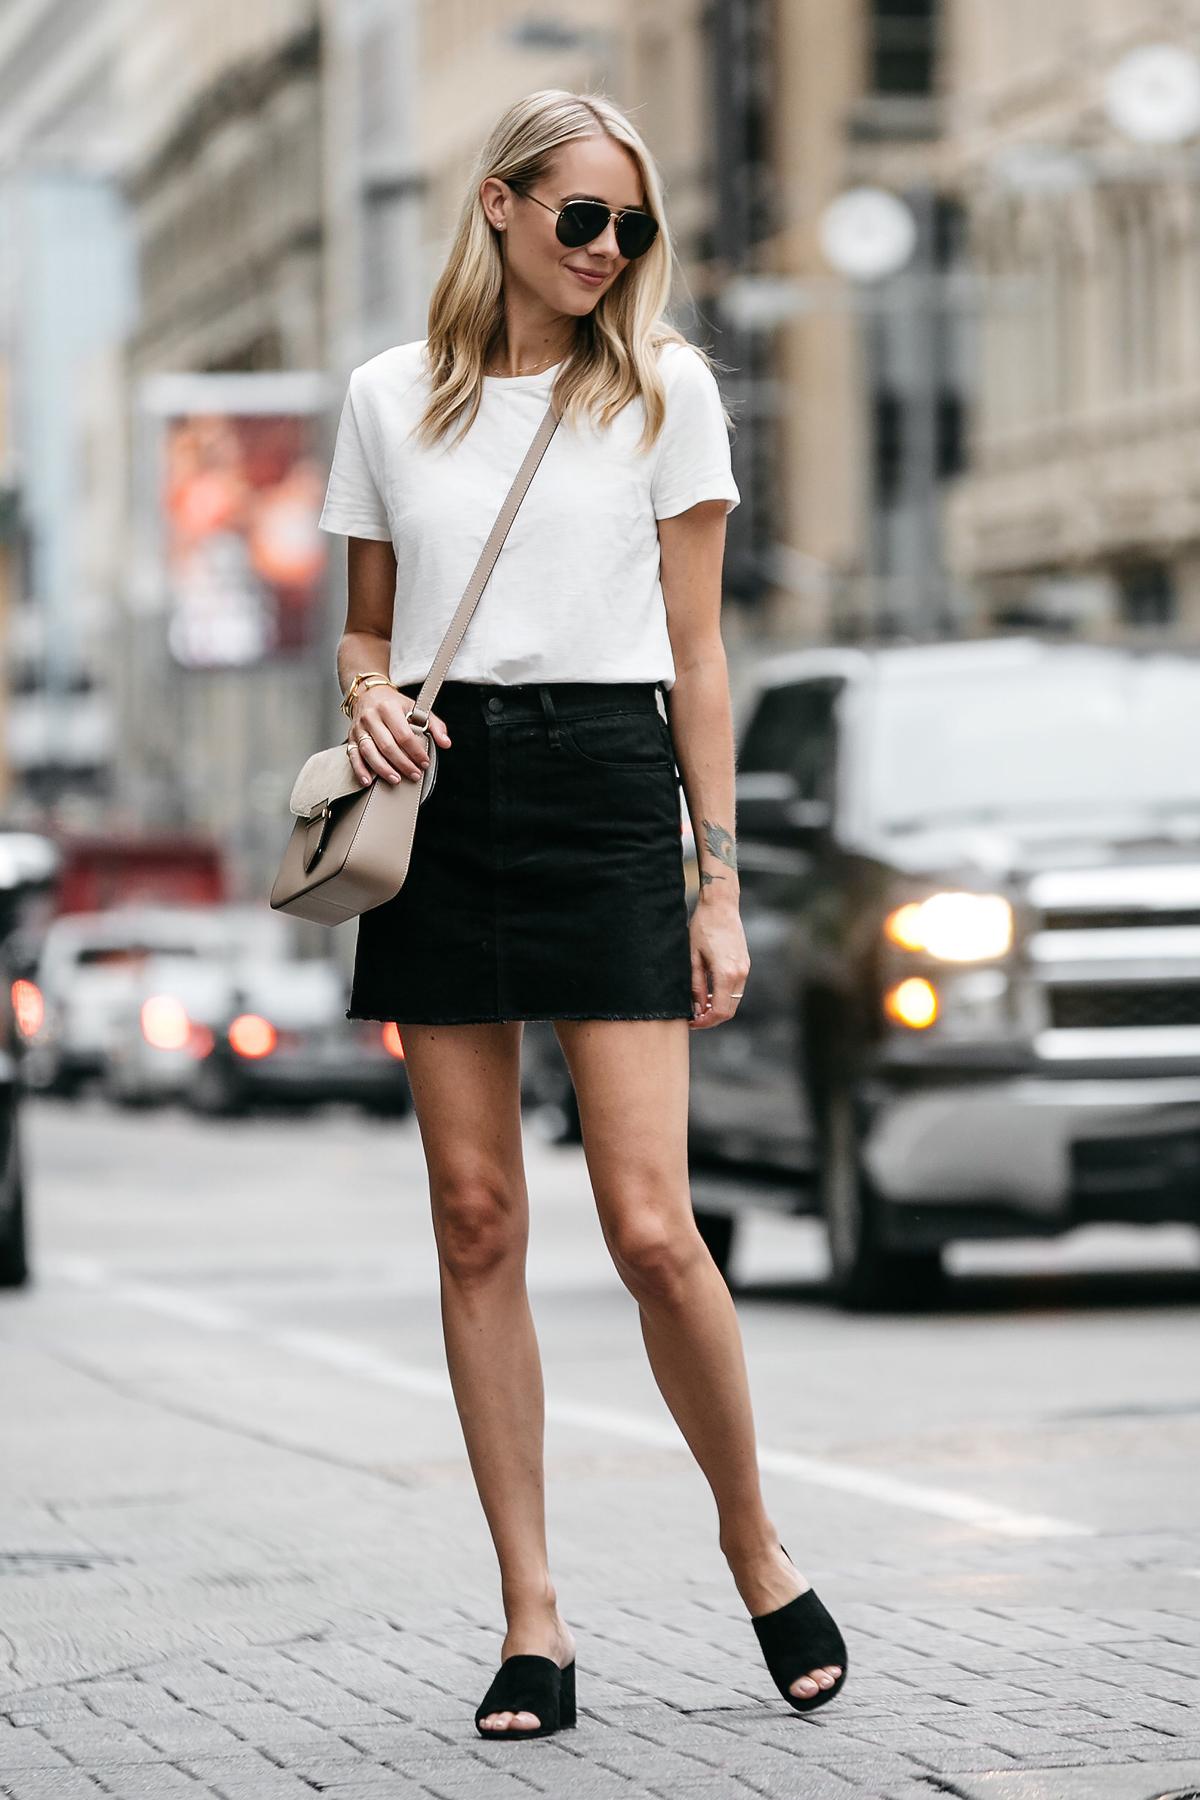 Юбка с футболкой в черно-белых тонах